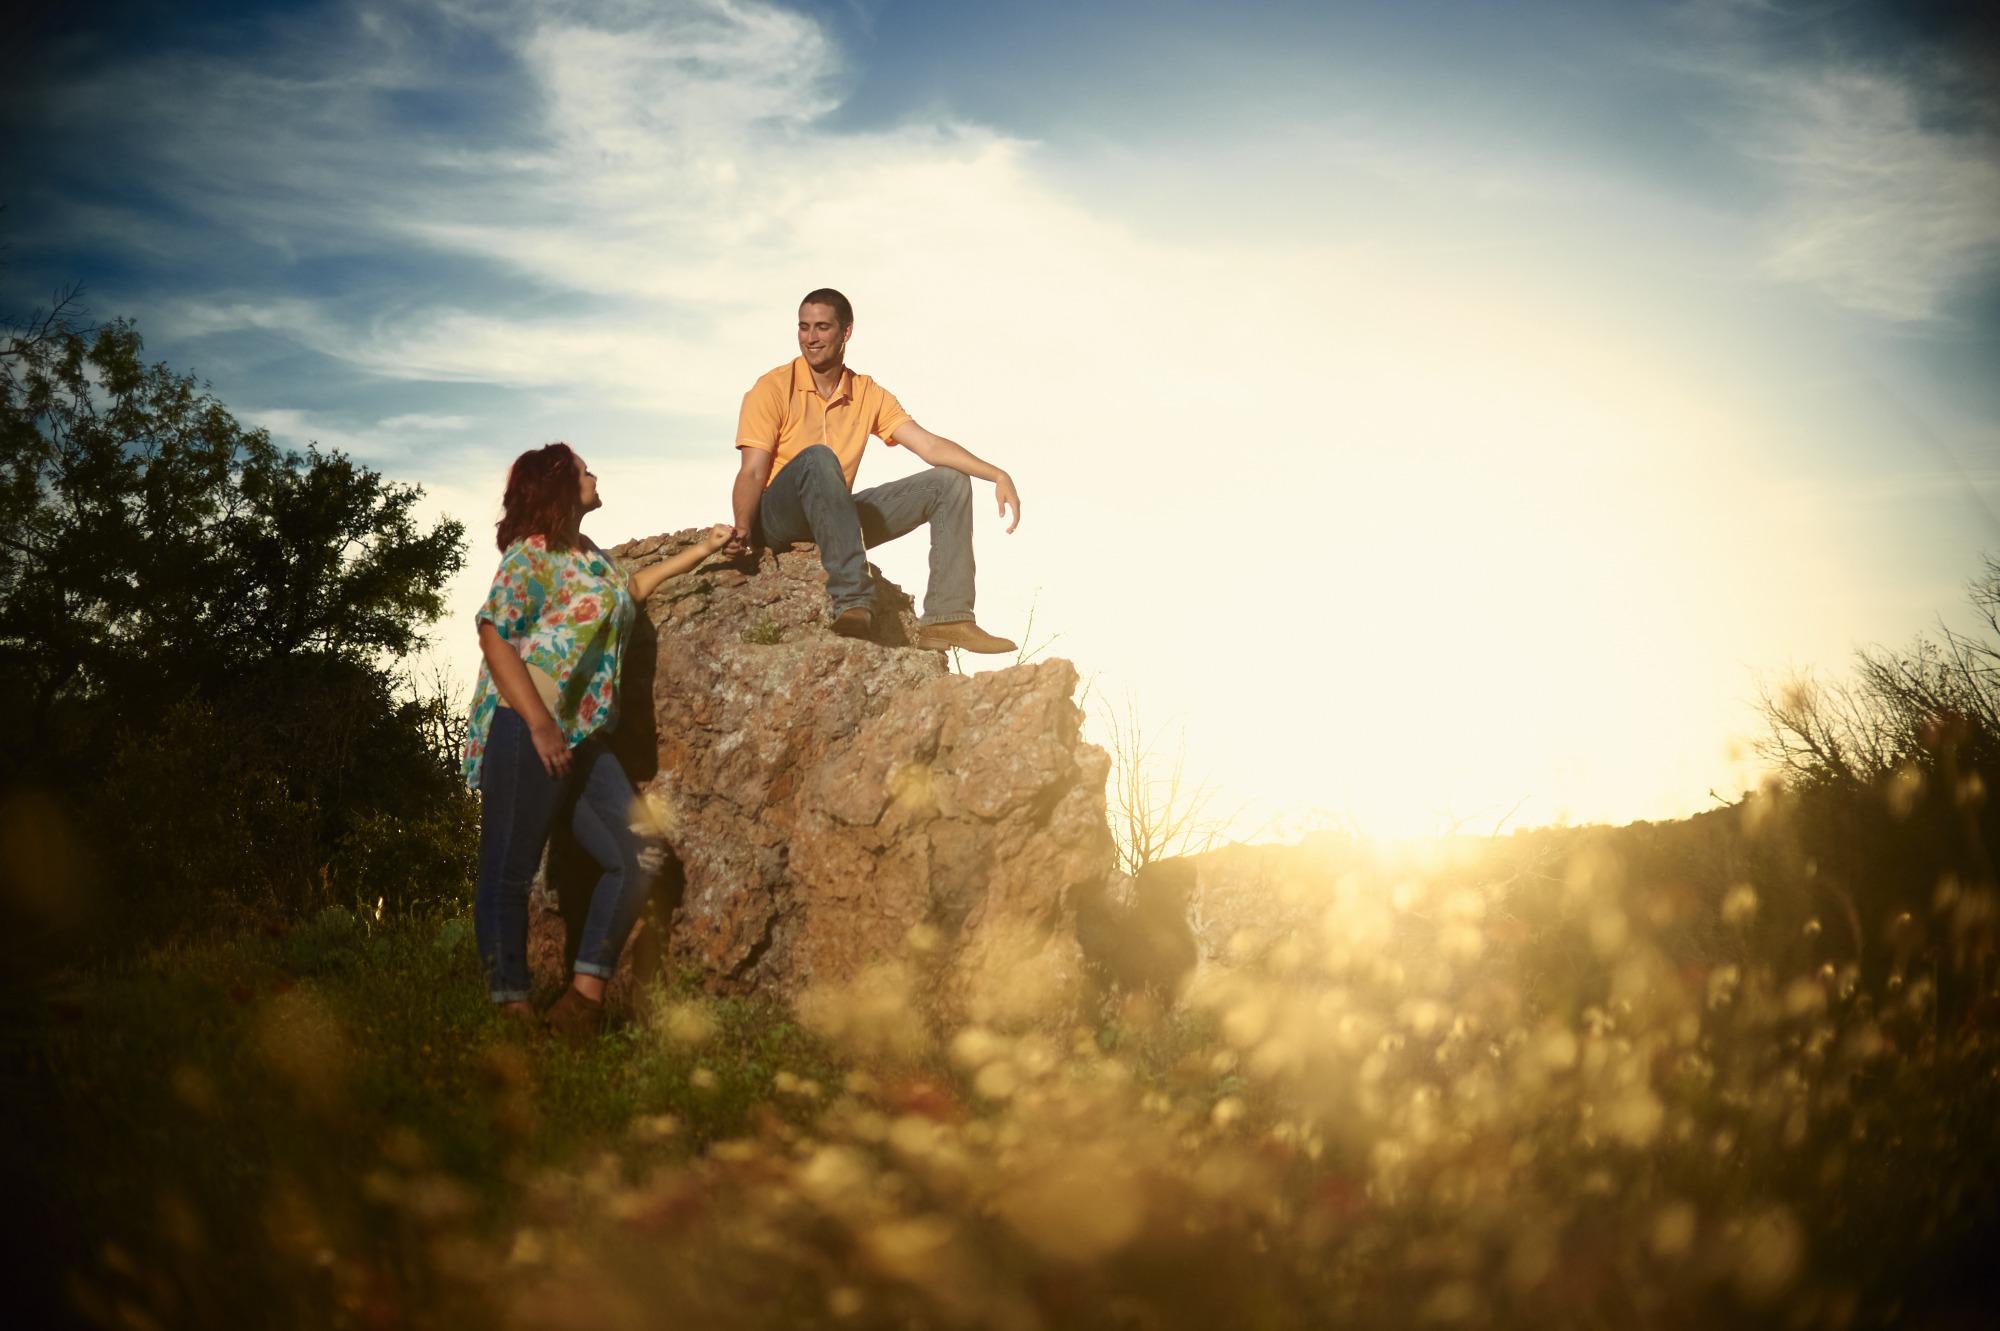 engagement-inks-lake-sunset-stars-jason-and-shay-008